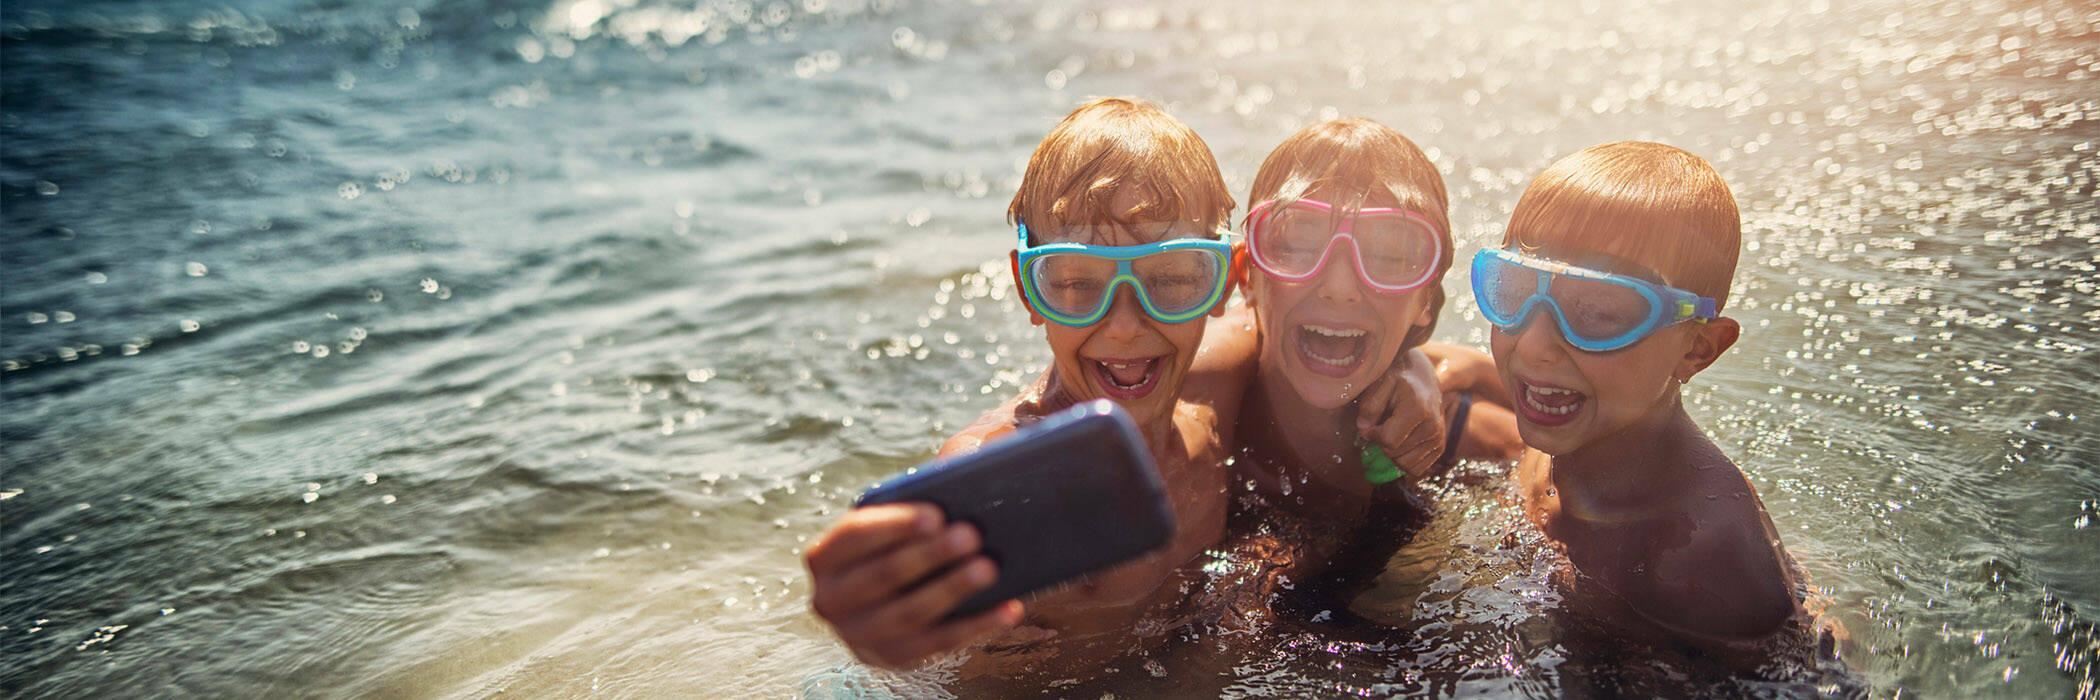 Kids taking selfies in the ocean.